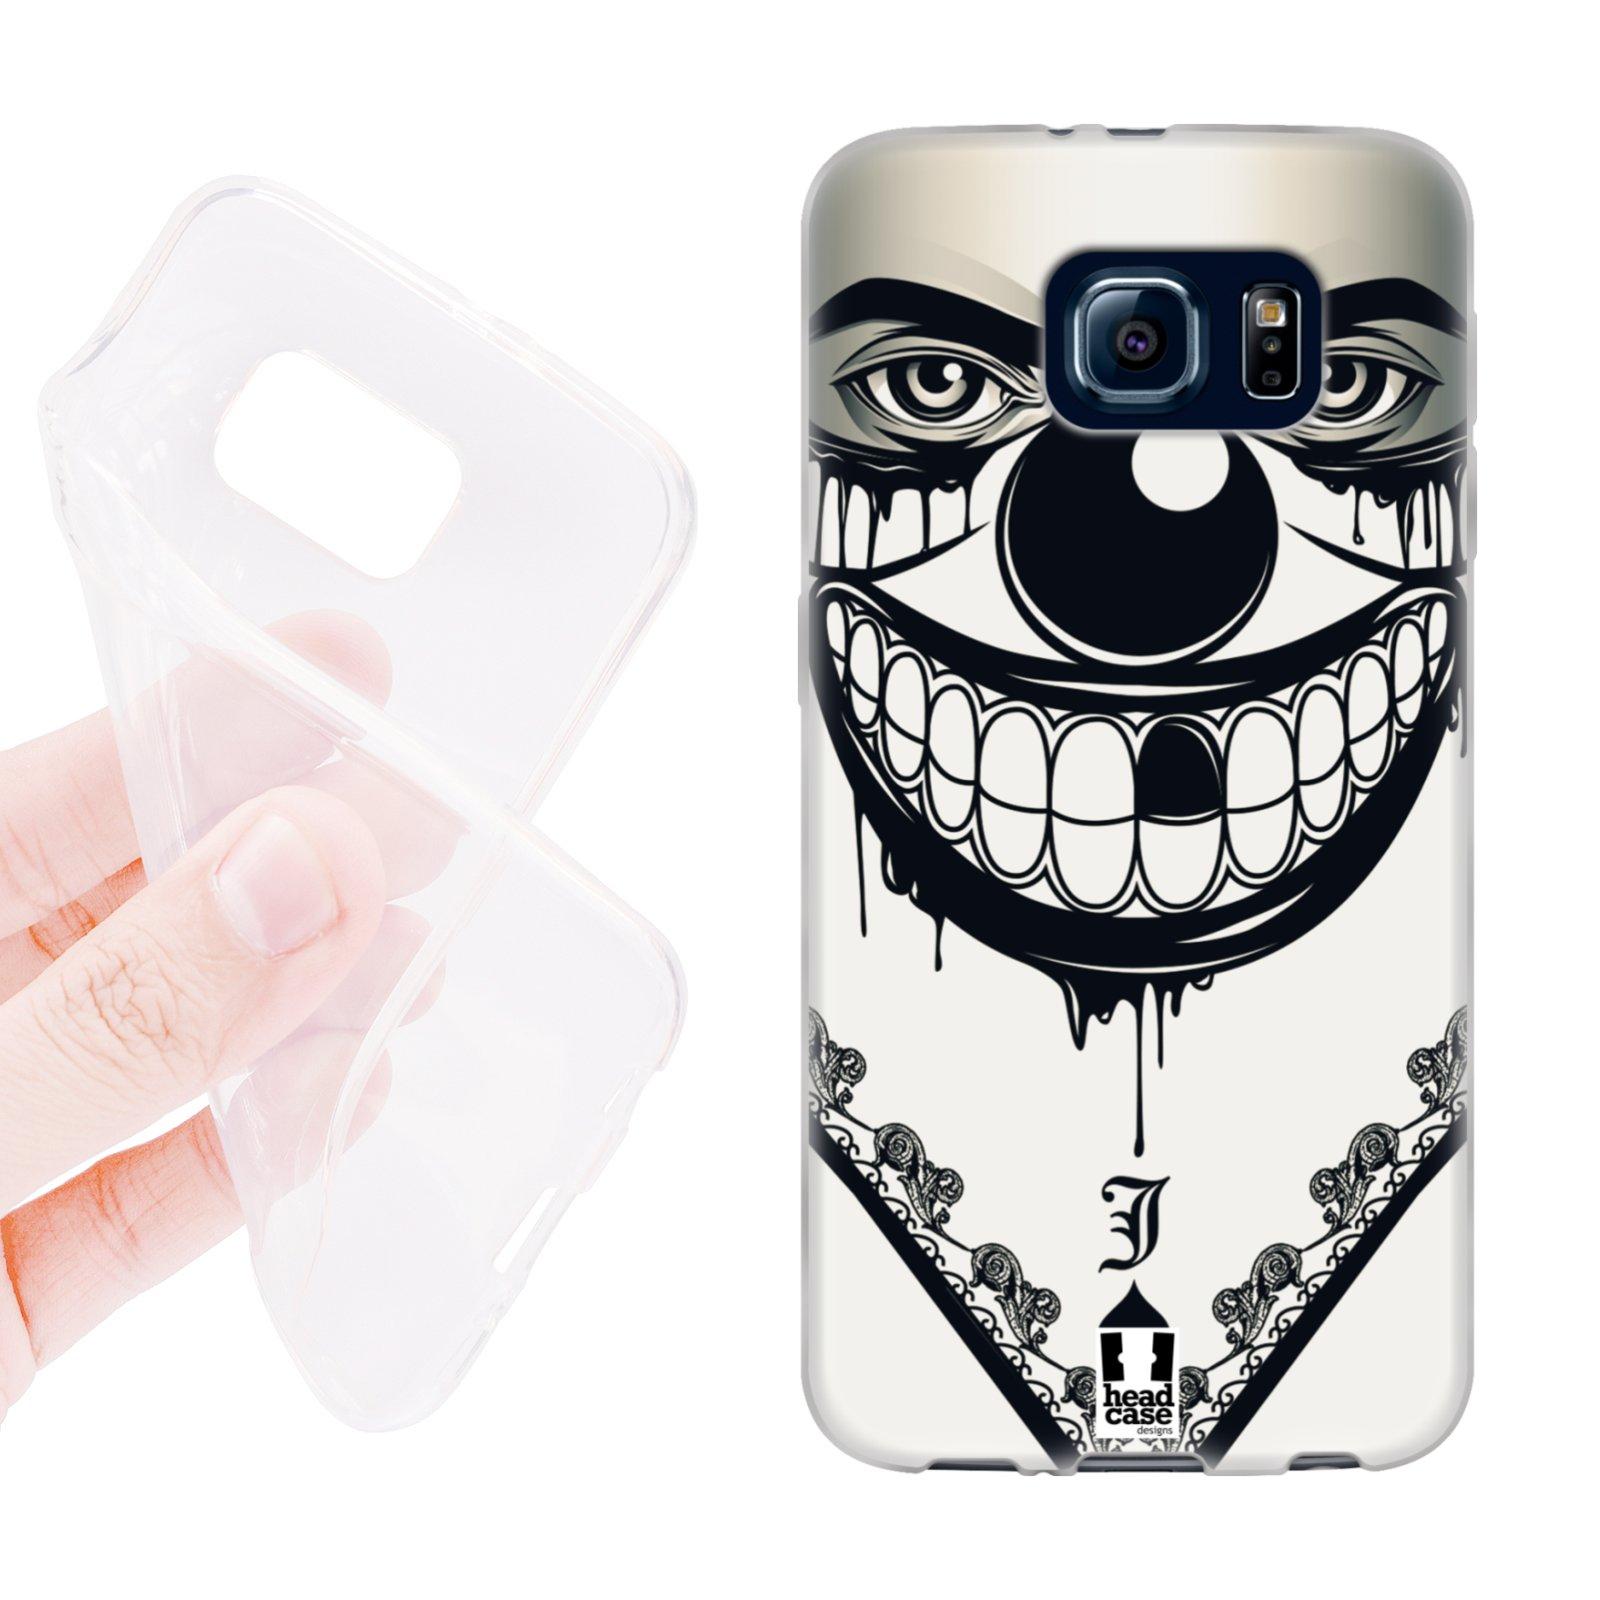 HEAD CASE silikonový obal na mobil Samsung galaxy S6 šátek zloděj klaun